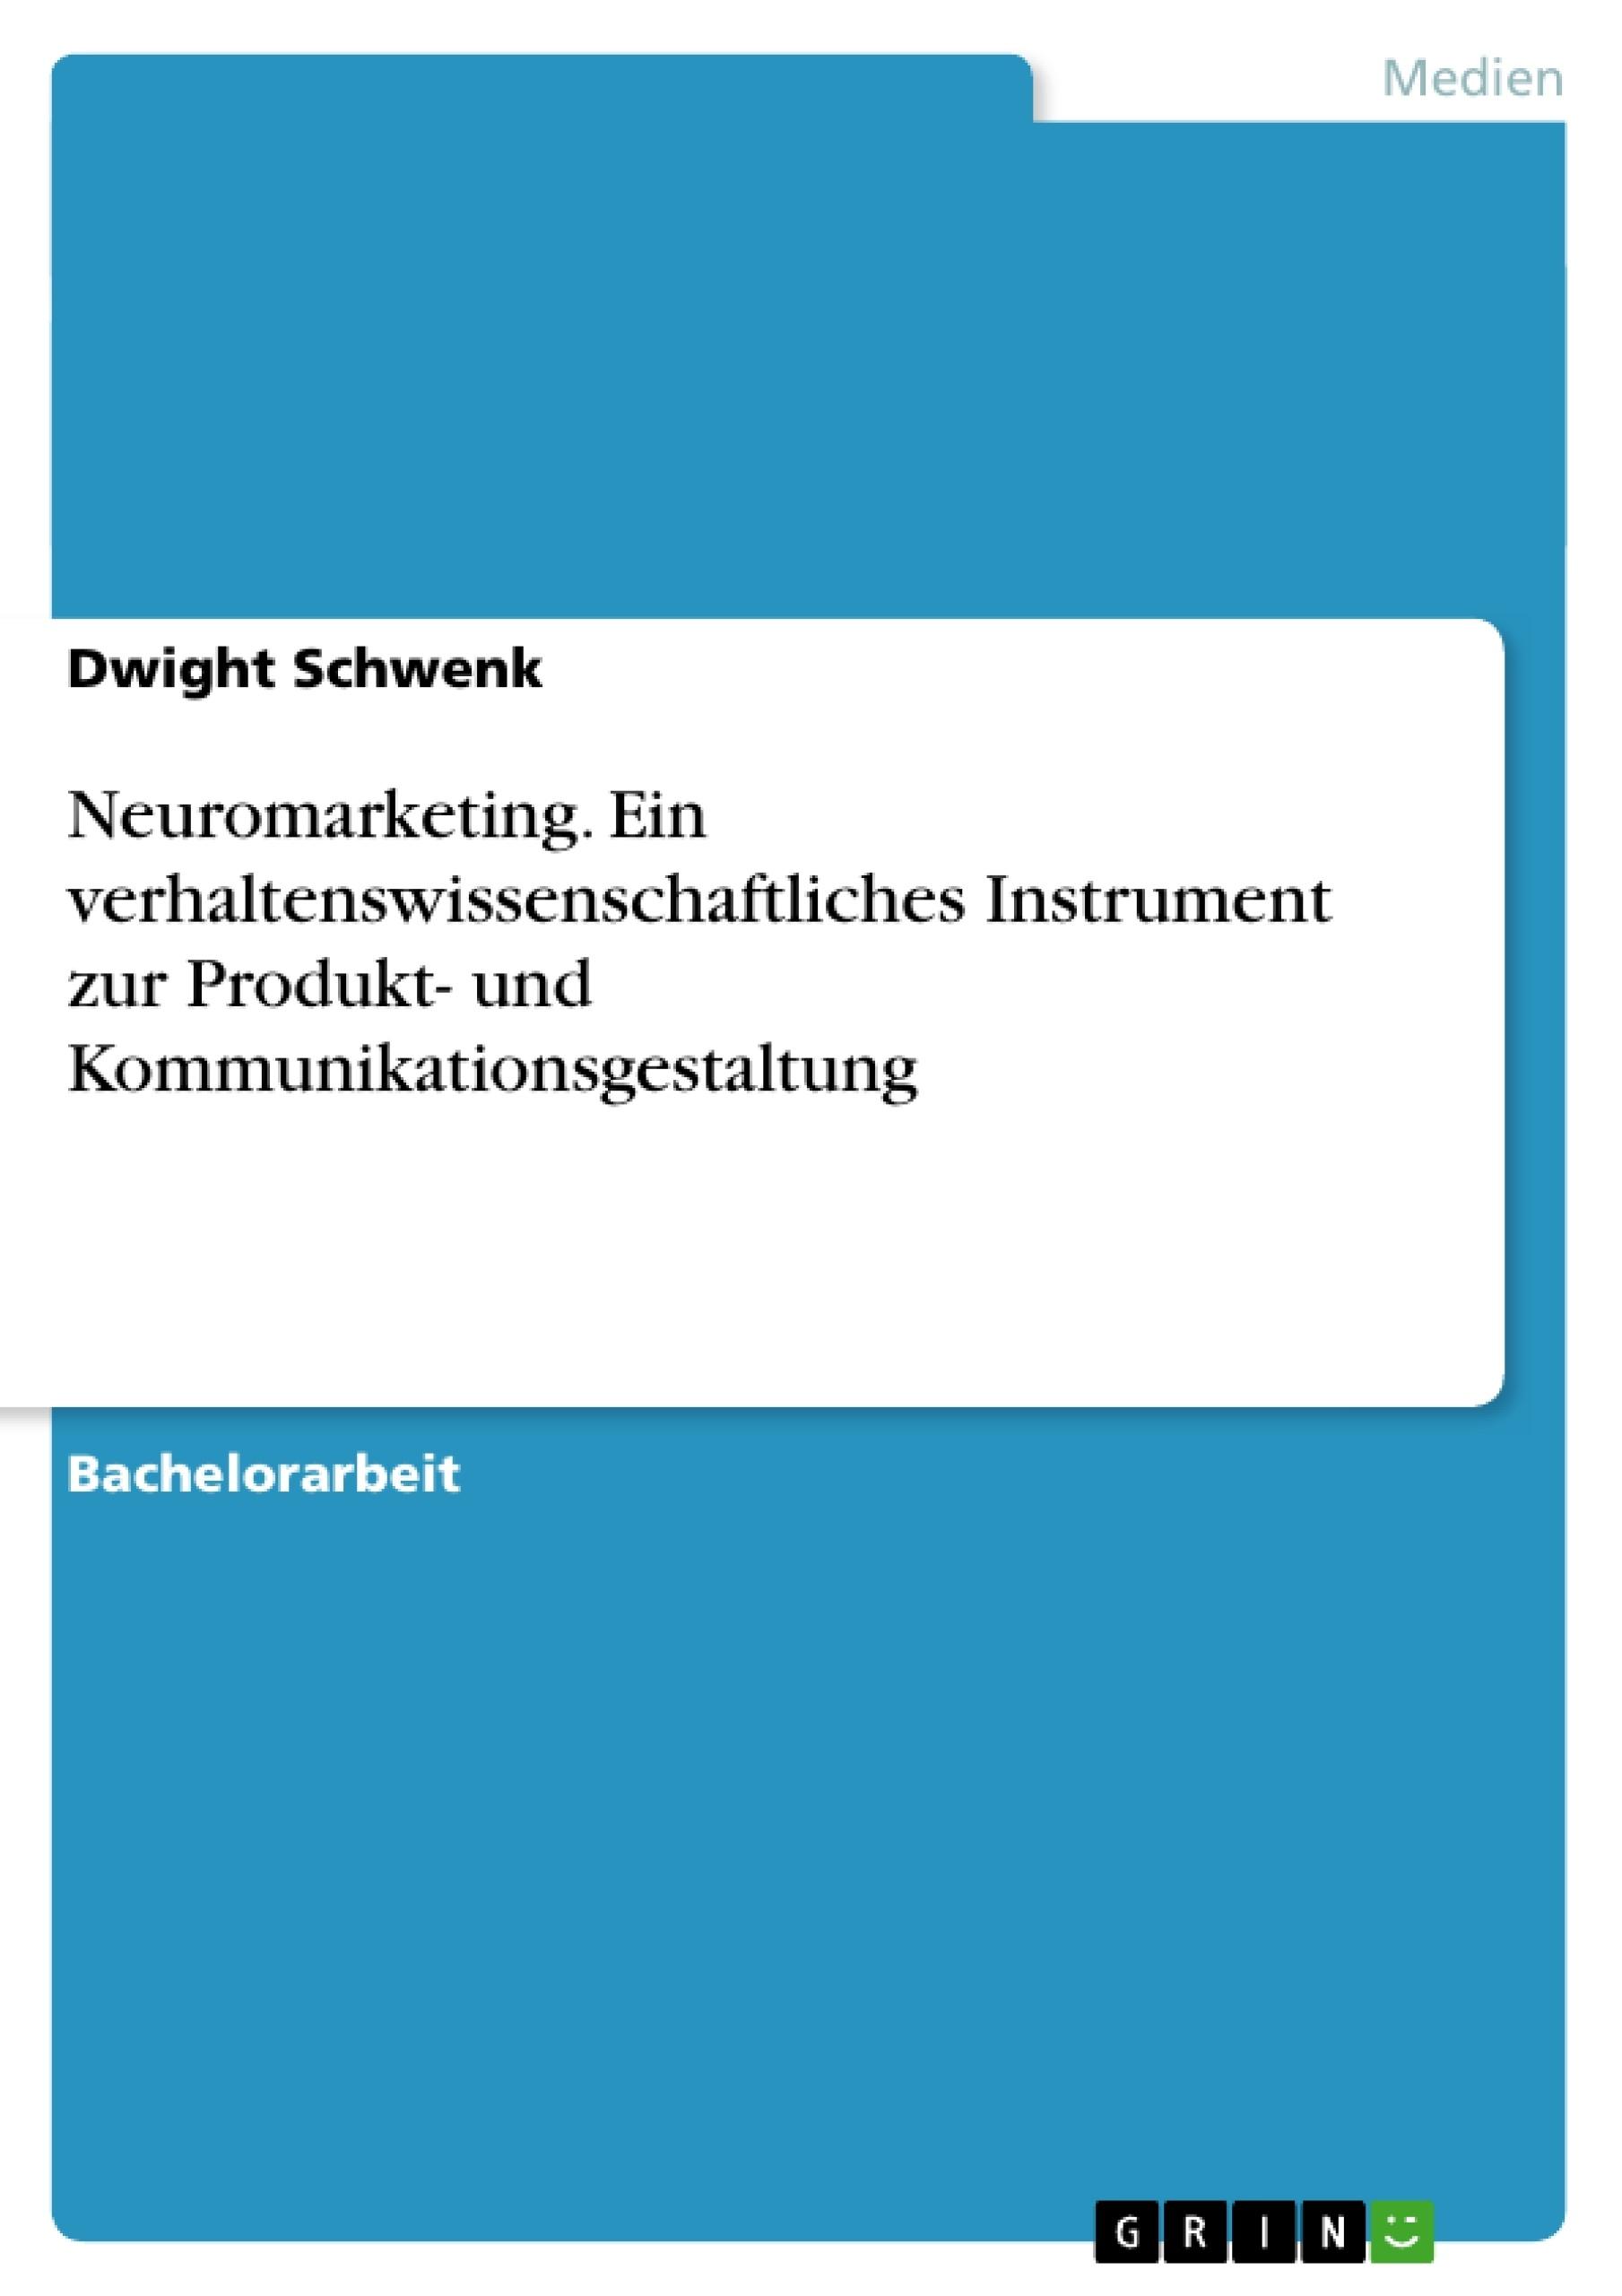 Titel: Neuromarketing. Ein verhaltenswissenschaftliches Instrument zur Produkt- und Kommunikationsgestaltung